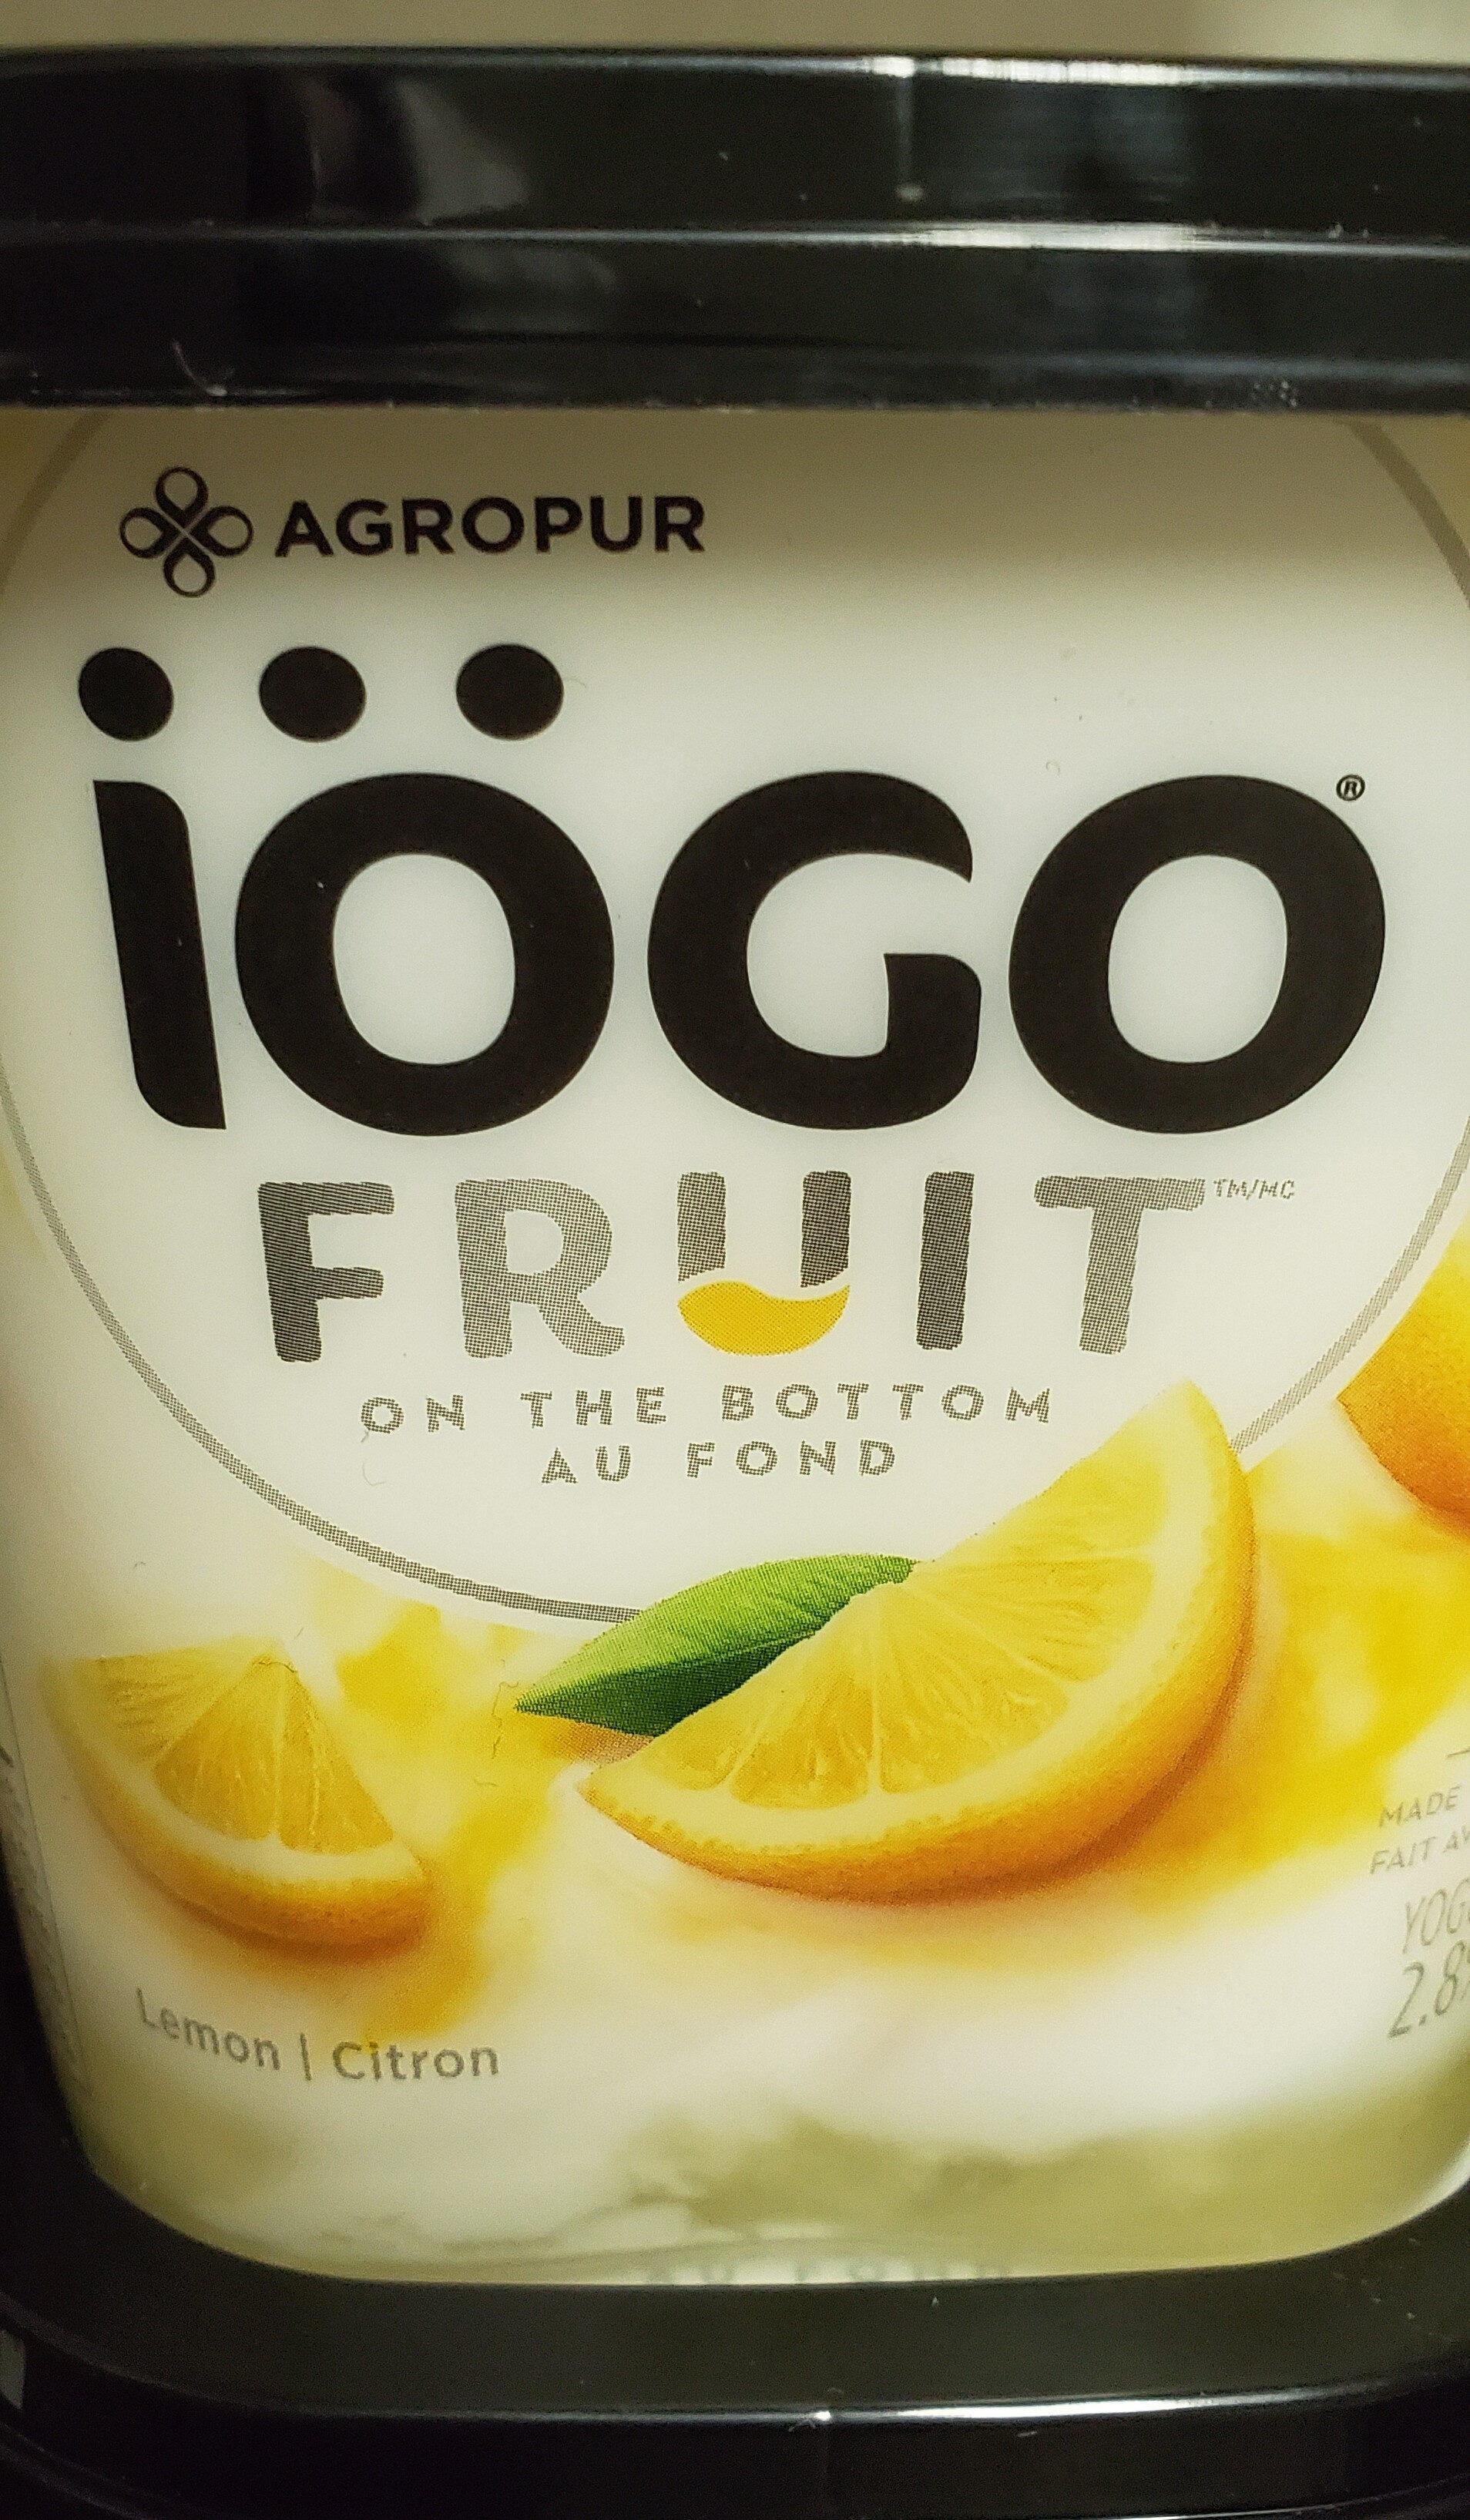 Iogo fruit lemon - Product - en